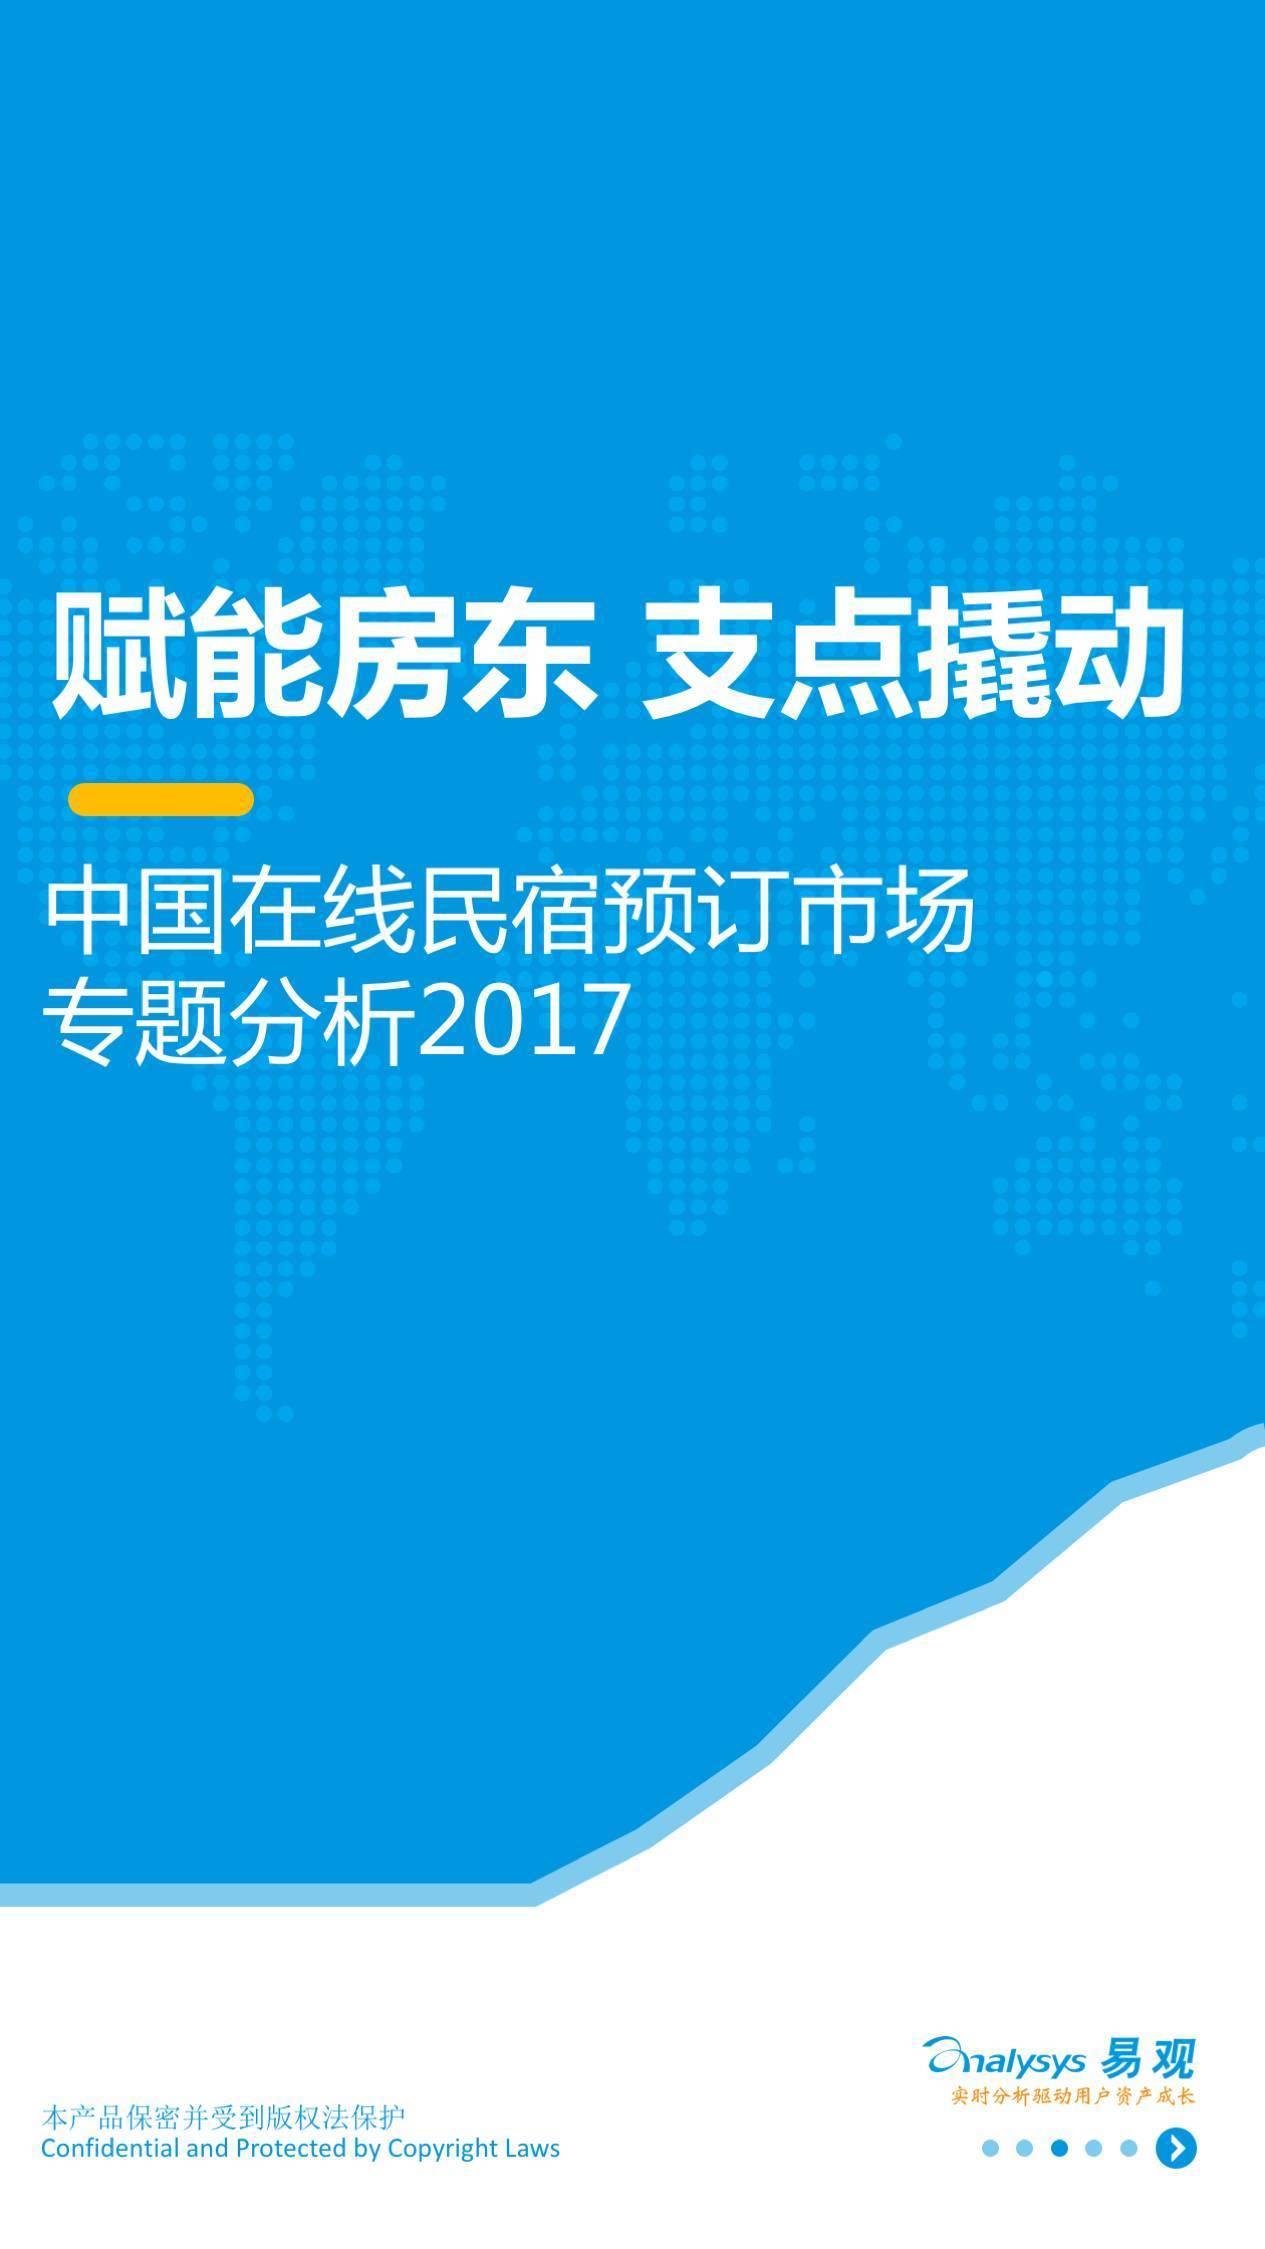 《2017中国在线民宿预订市场分析》附完整报告下载